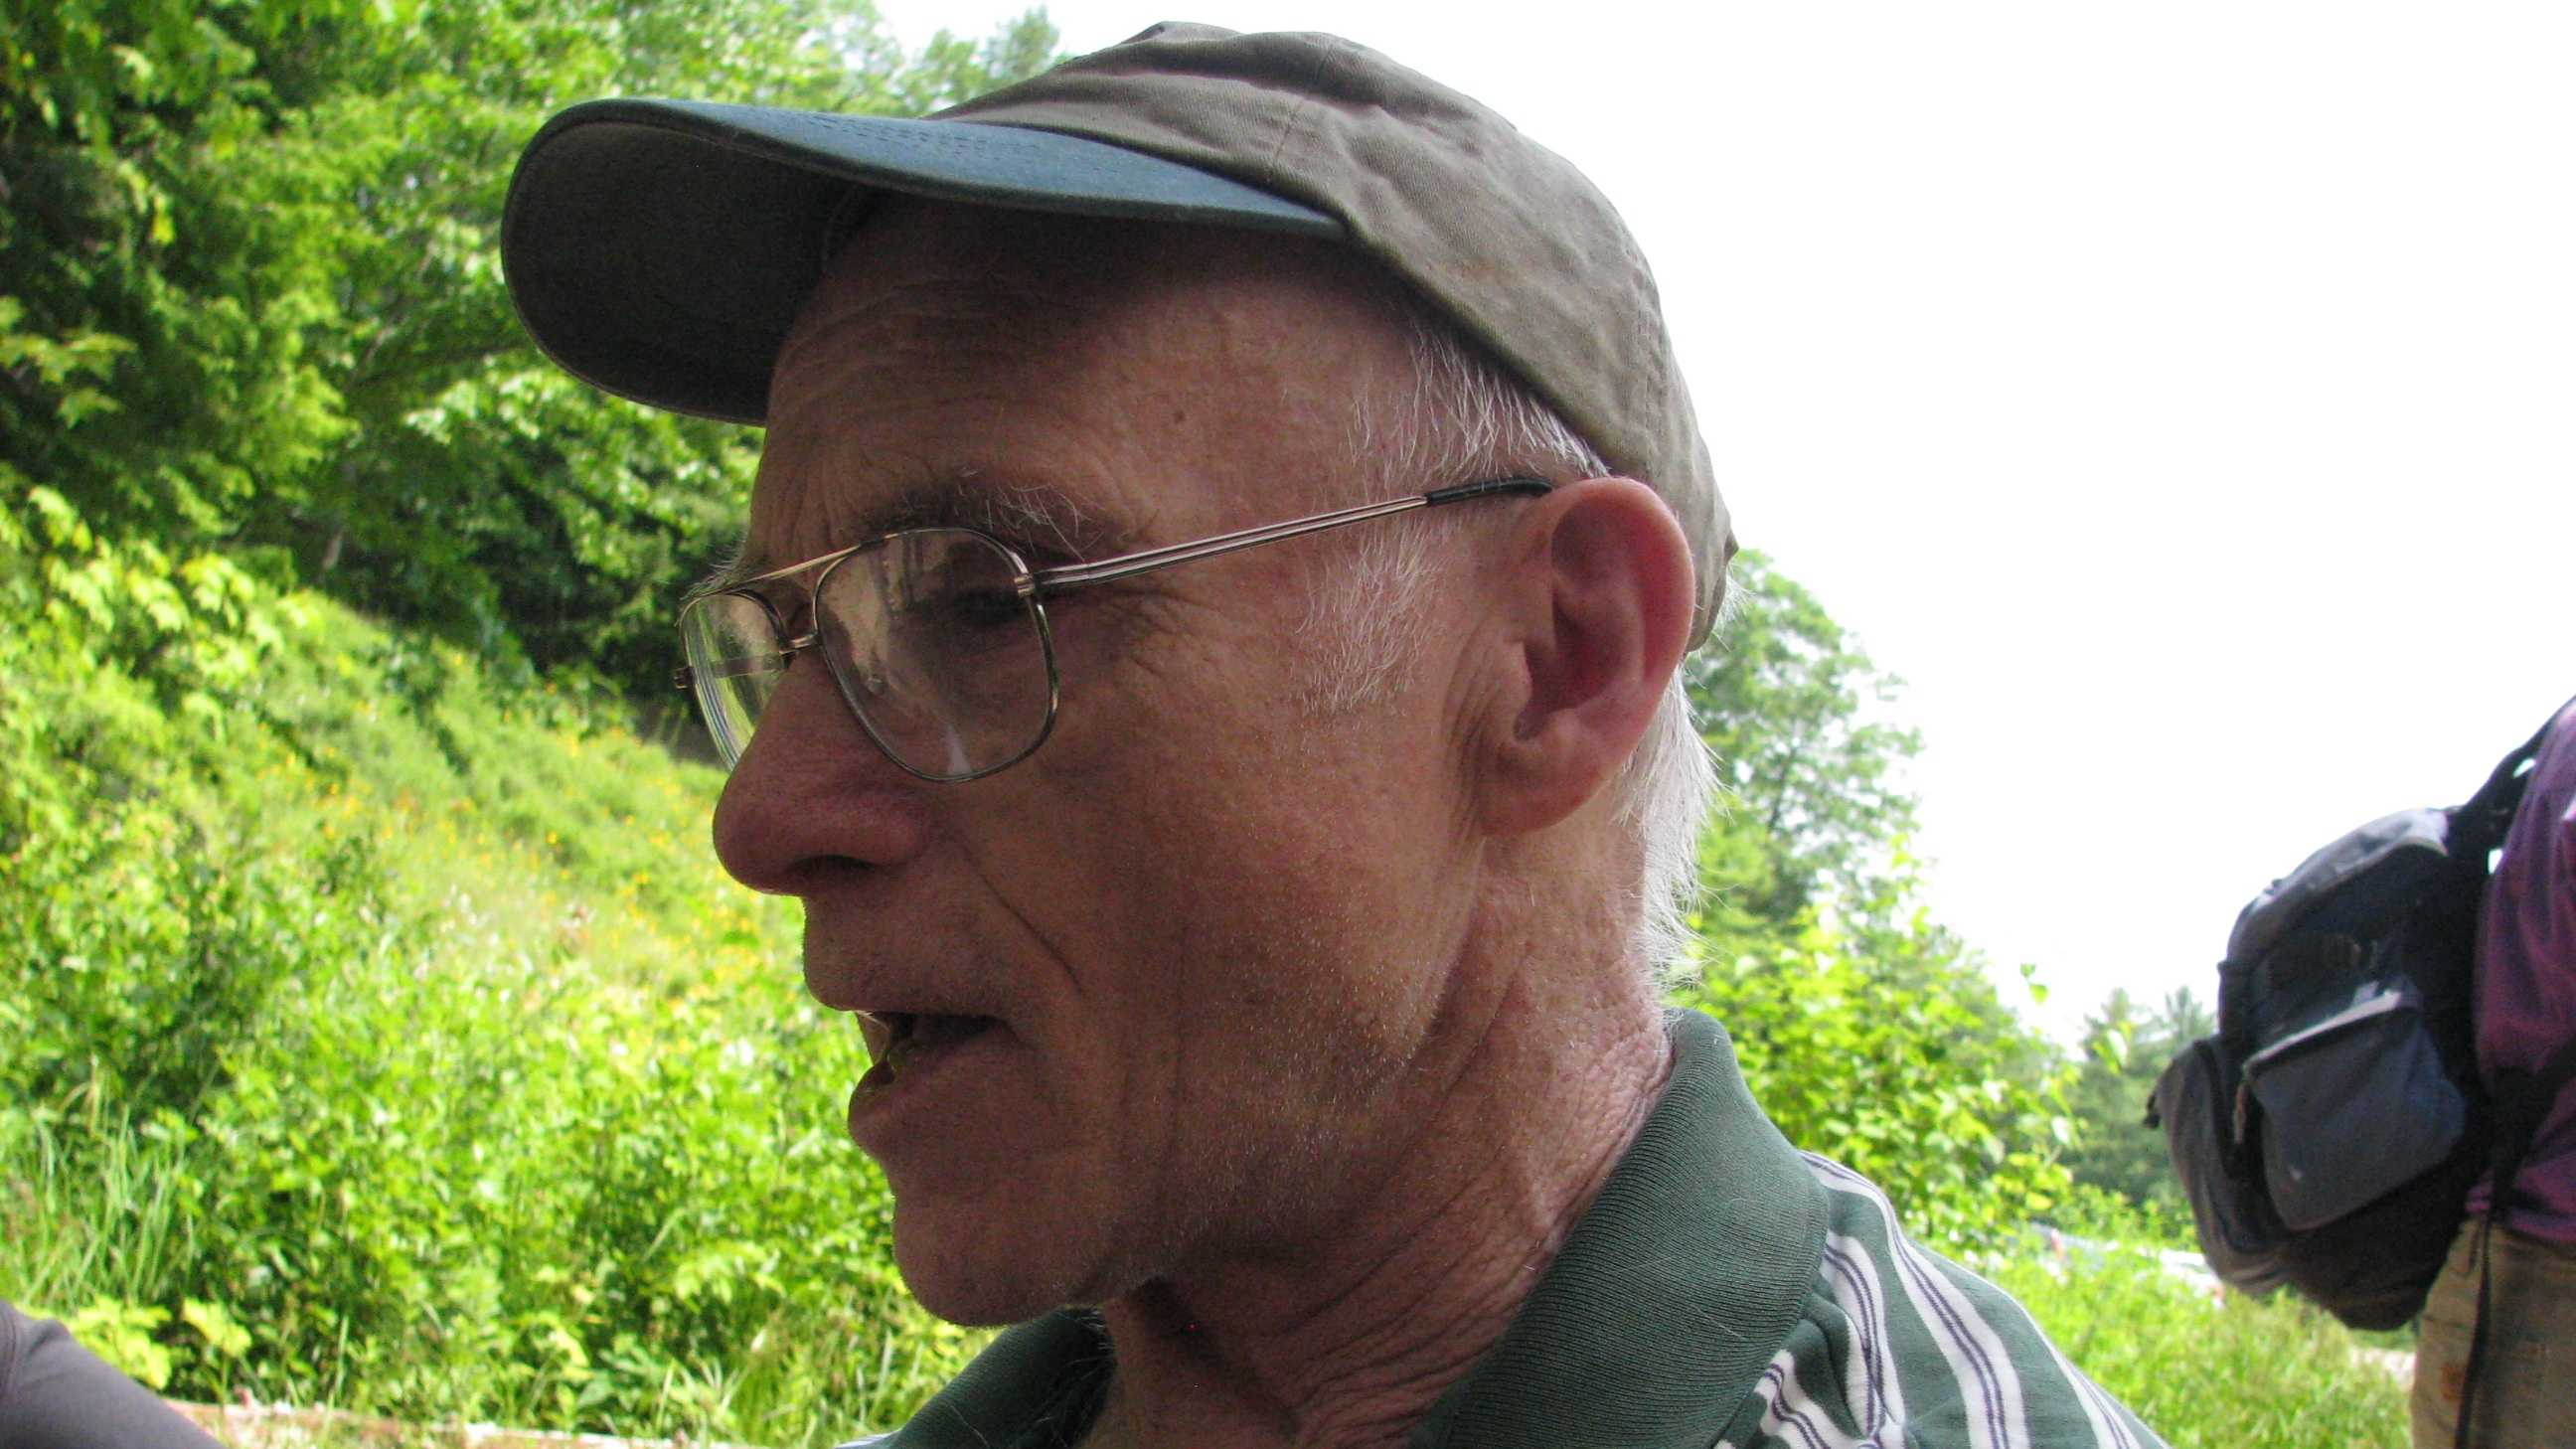 Dave Roberts of Farmington